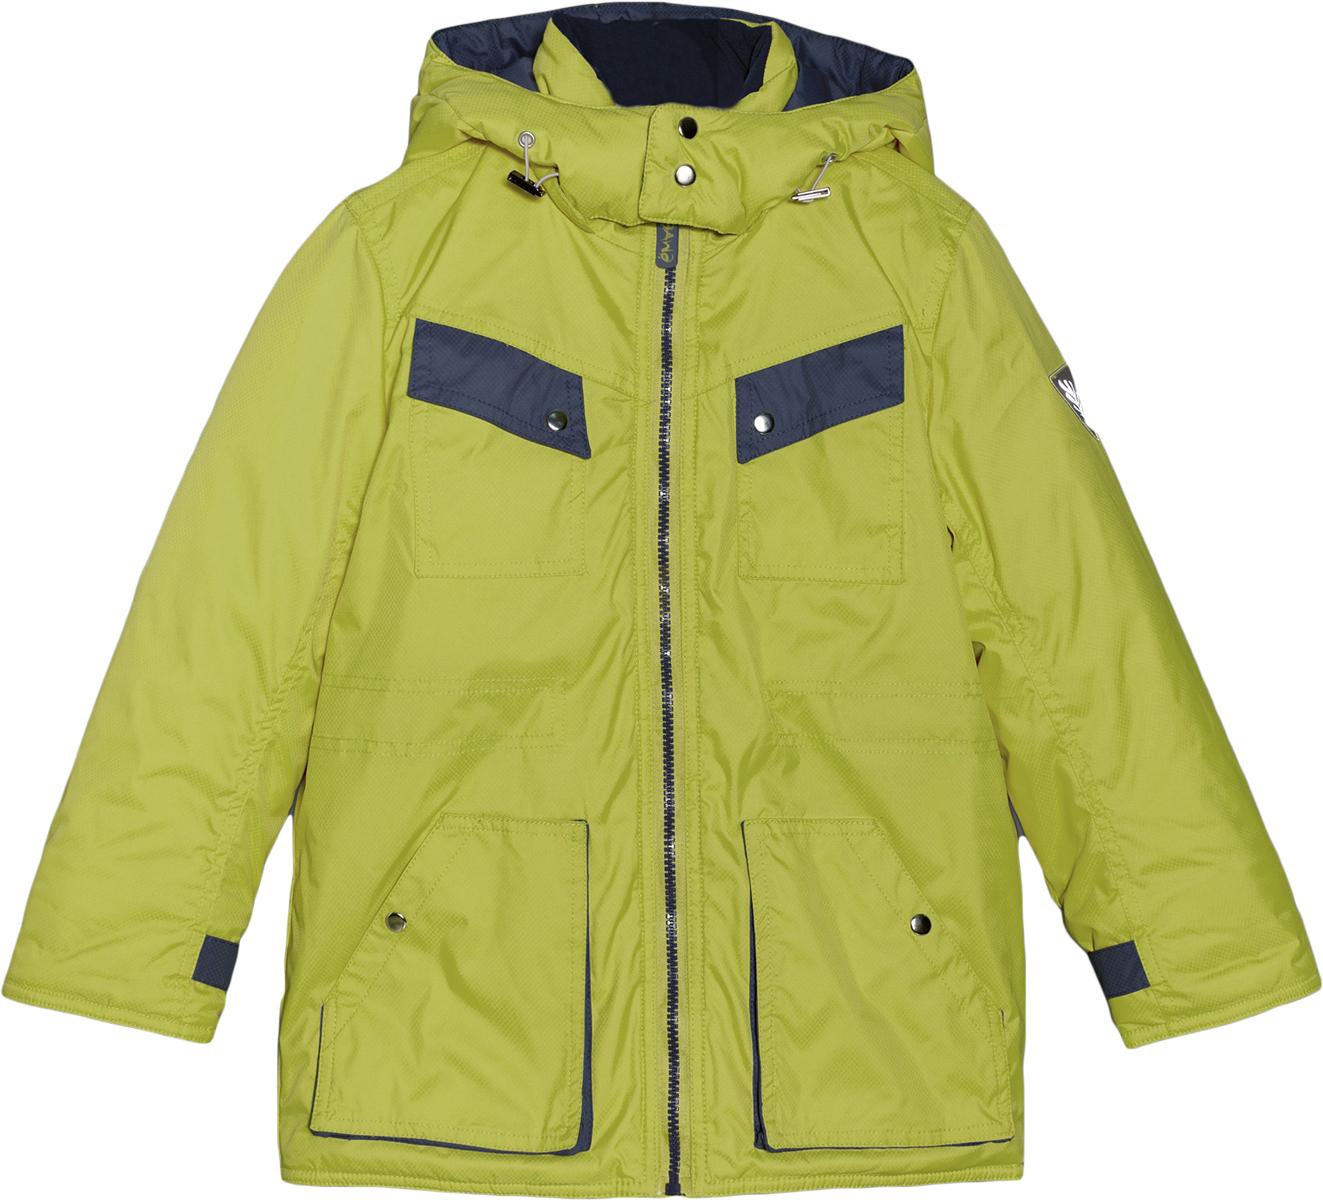 Куртка для мальчика Ёмаё, цвет: желто-зеленый. 39-125. Размер 9239-125Теплая куртка для мальчика Ёмаё идеально подойдет для вашего ребенка в холодное время года. Модель изготовлена из ветрозащитного и водоотталкивающего материала - 100% полиэстера. В качестве основной подкладки используется теплый мягкий флис, а утеплителя - 100% полиэстер. Удлиненная куртка с капюшоном и воротником-стойкой застегивается на пластиковую застежку-молнию и дополнительно имеет внутреннюю ветрозащитную планку, а также защиту подбородка. Капюшон, присборенный по краю на скрытую резинку со стопперами, пристегивается с помощью молнии и дополнительно застегивается клапаном под подбородком на металлические кнопки. Низ рукавов дополнен скрытыми эластичными манжетами, а также хлястиками на кнопках, с помощью которых можно регулировать обхват рукавов. Спереди предусмотрены четыре накладных кармана, два из которых нагрудные с клапанами на кнопках. На талии имеется скрытая резинка со стопперами.